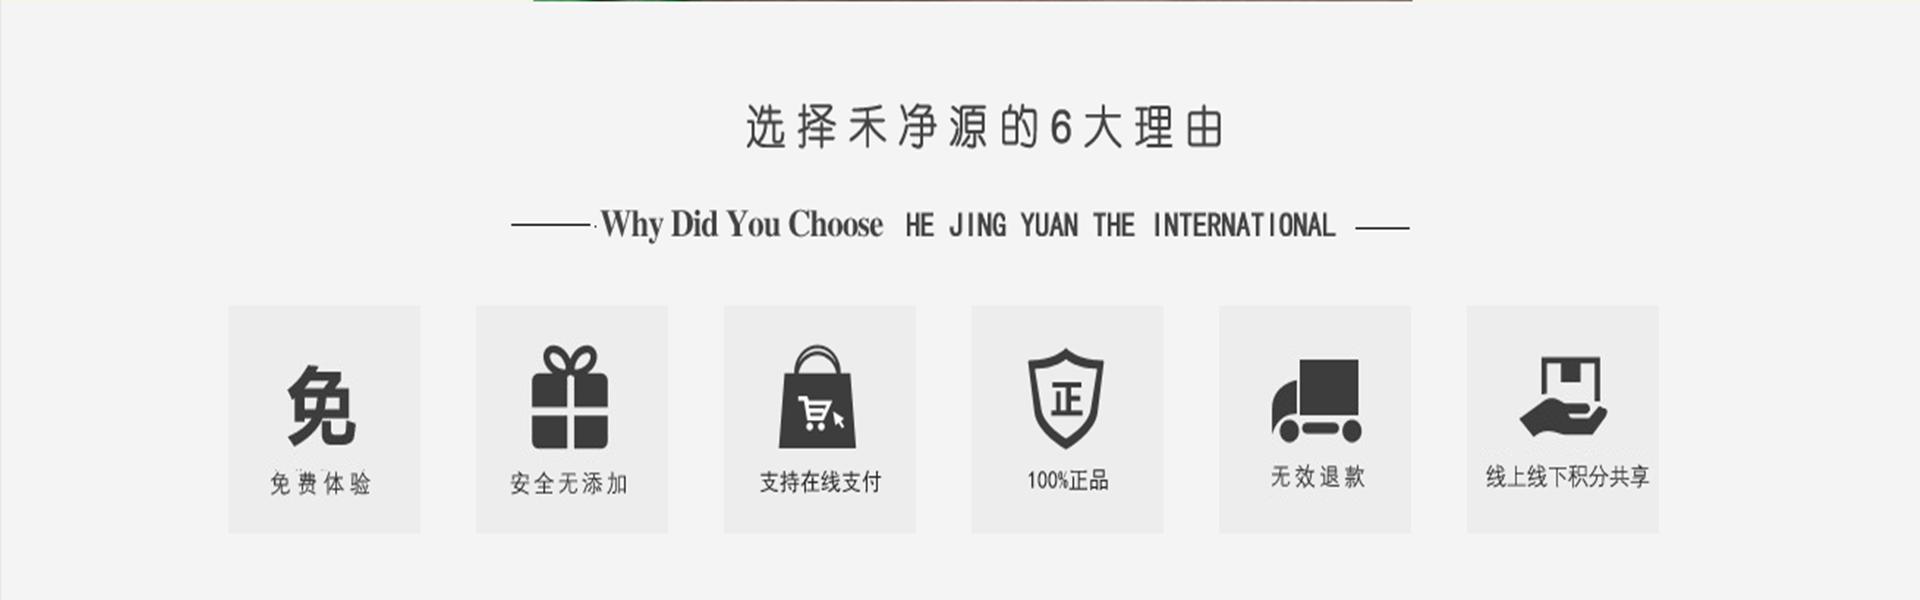 西安华桂商业运营管理有限公司